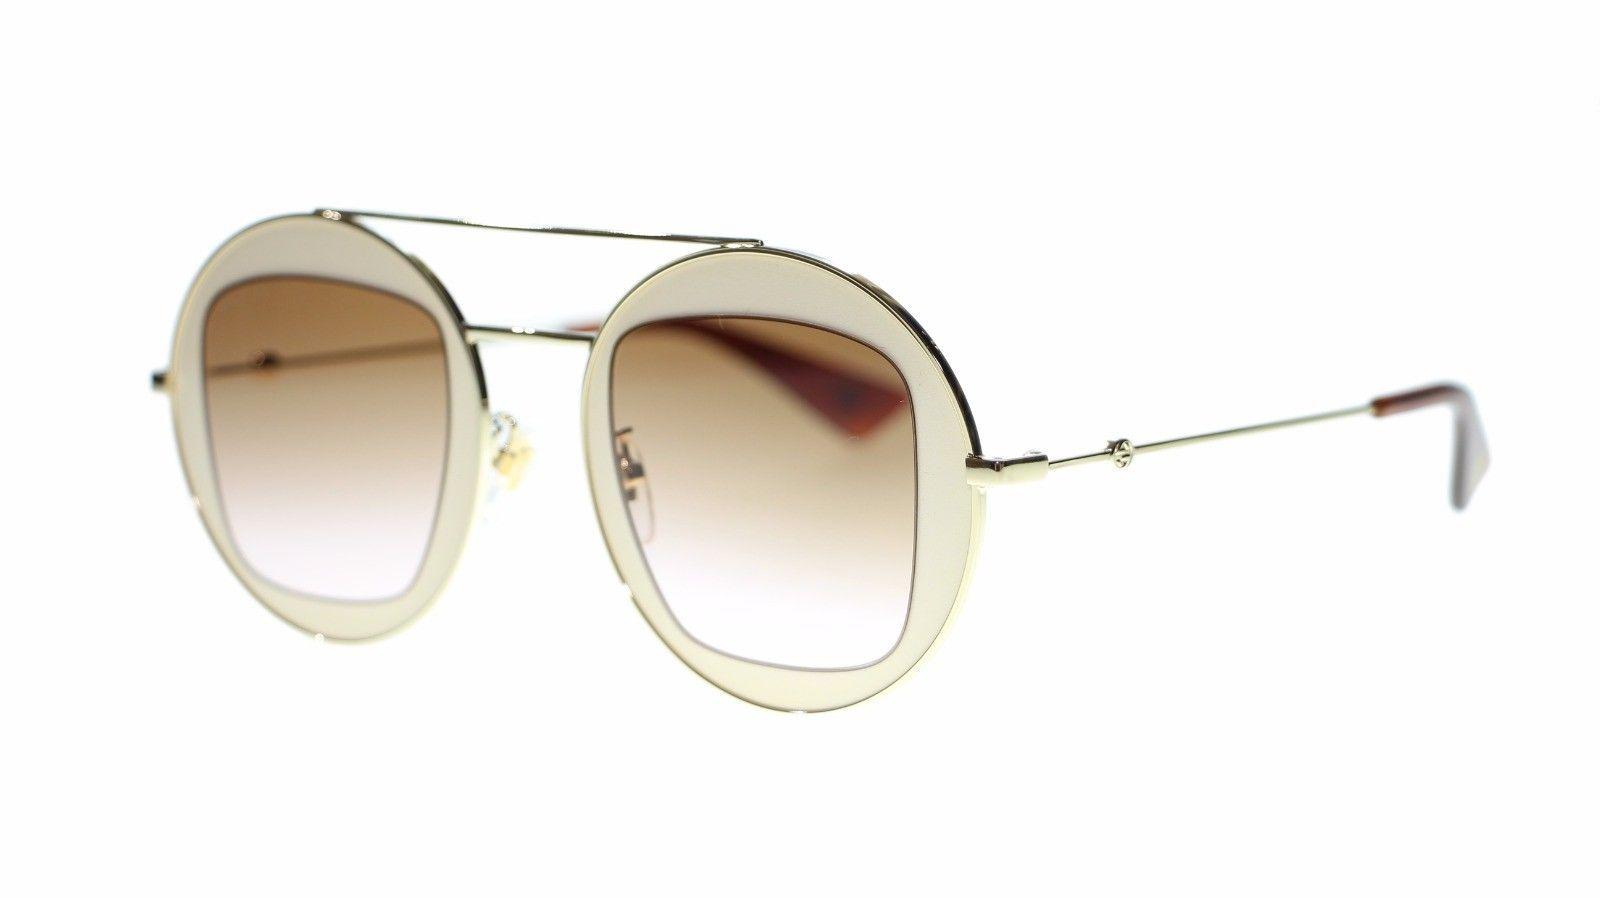 3e81c5393c S l1600. S l1600. Previous. Gucci Women Sunglasses GG0105S-007 Beige Gold  Brown Gradient Lens 47mm Authentic